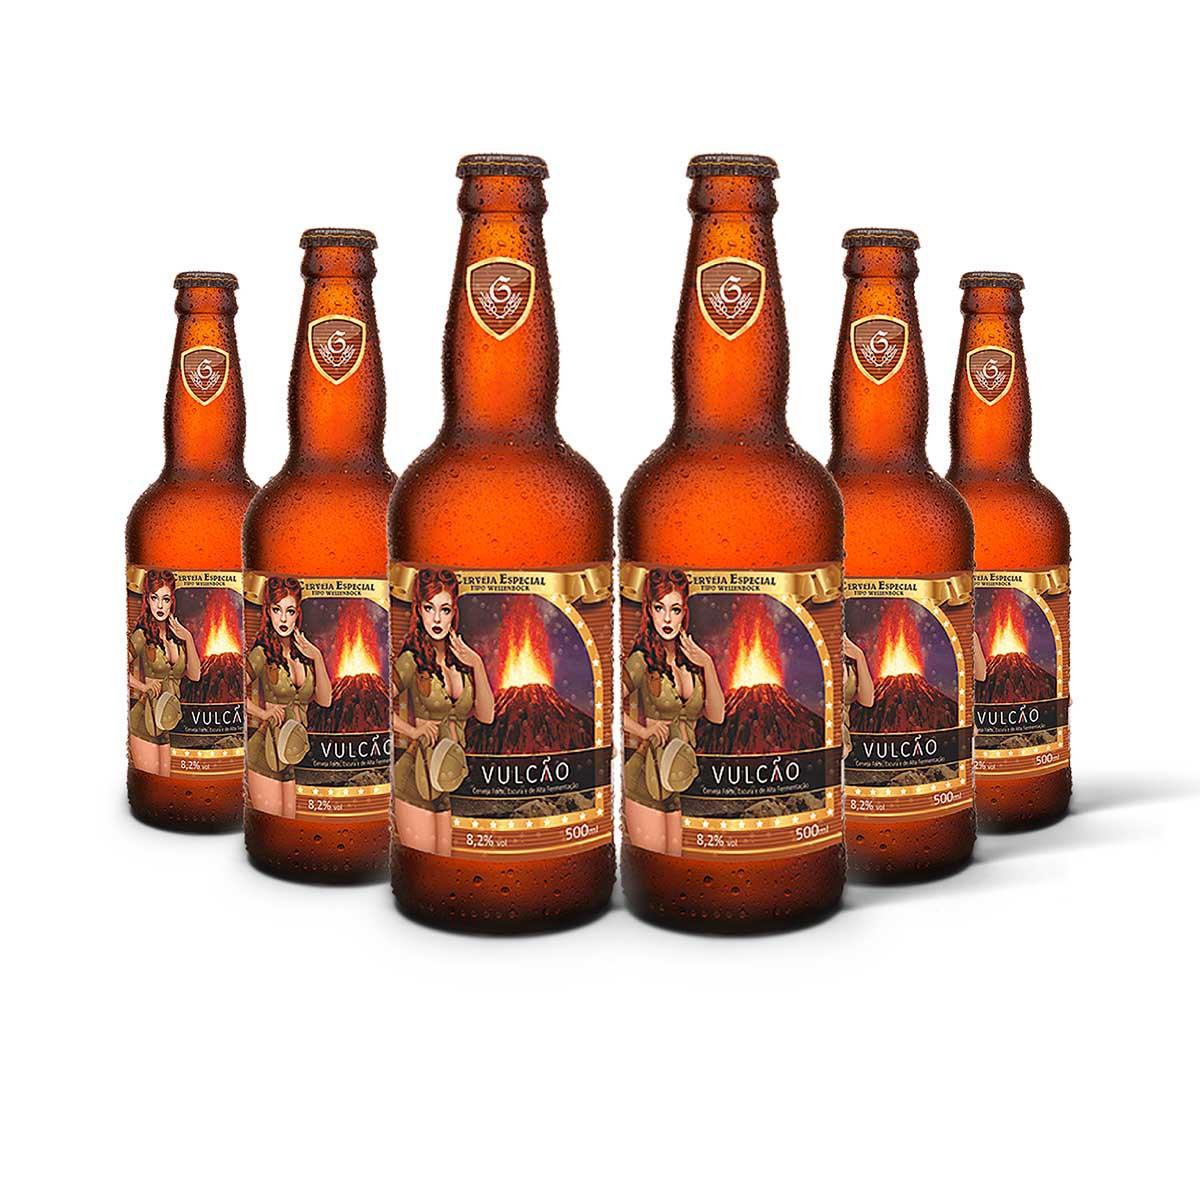 Pack Gram Bier WeizenBock Vulcão 6 cervejas 500ml